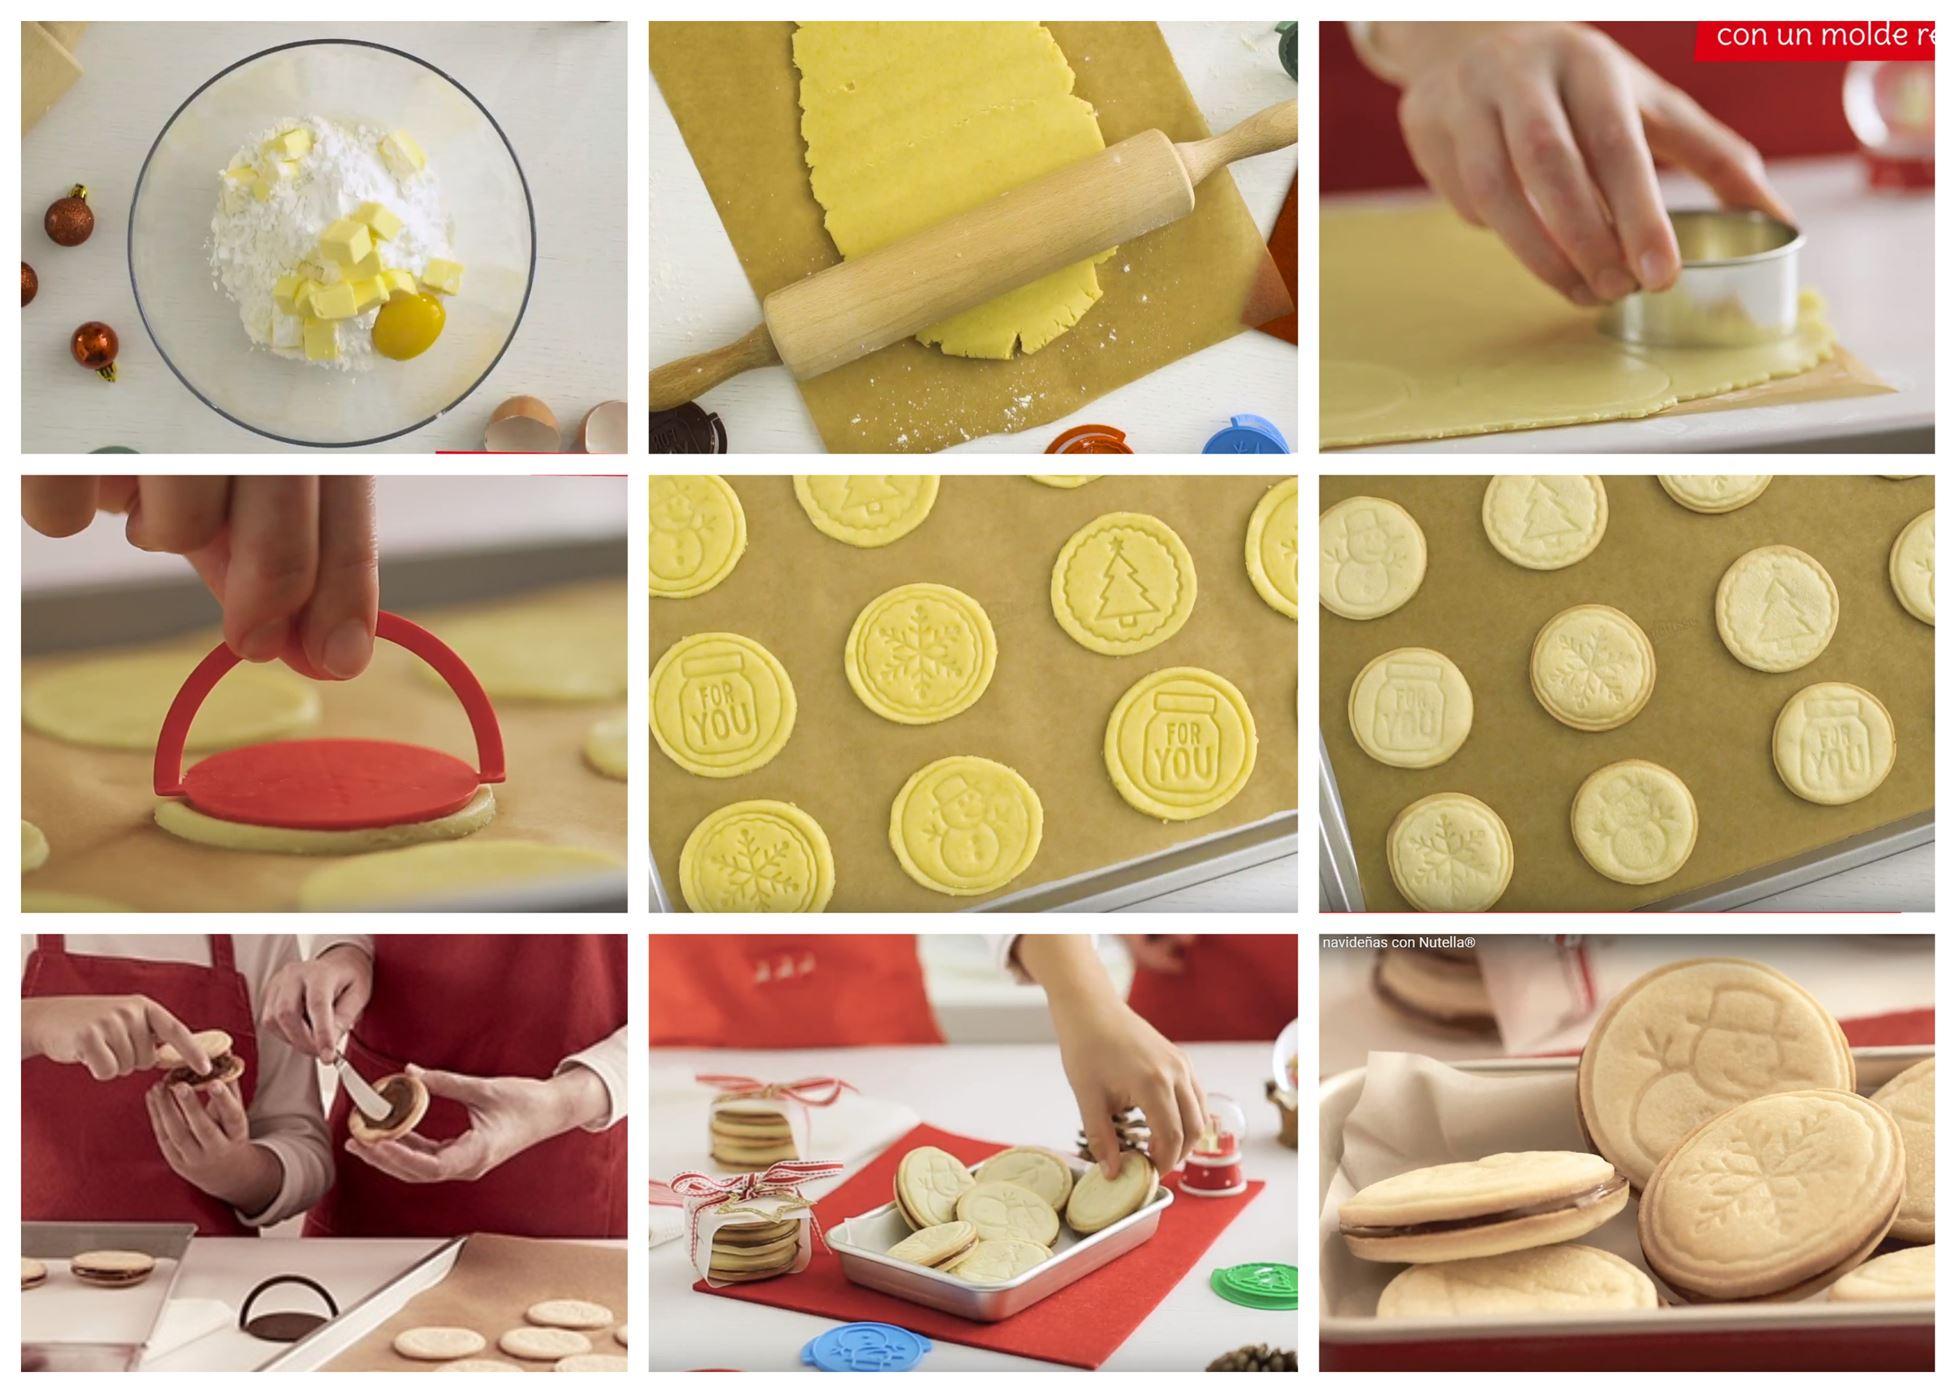 Preparación de las galletas navideñas con Nutella